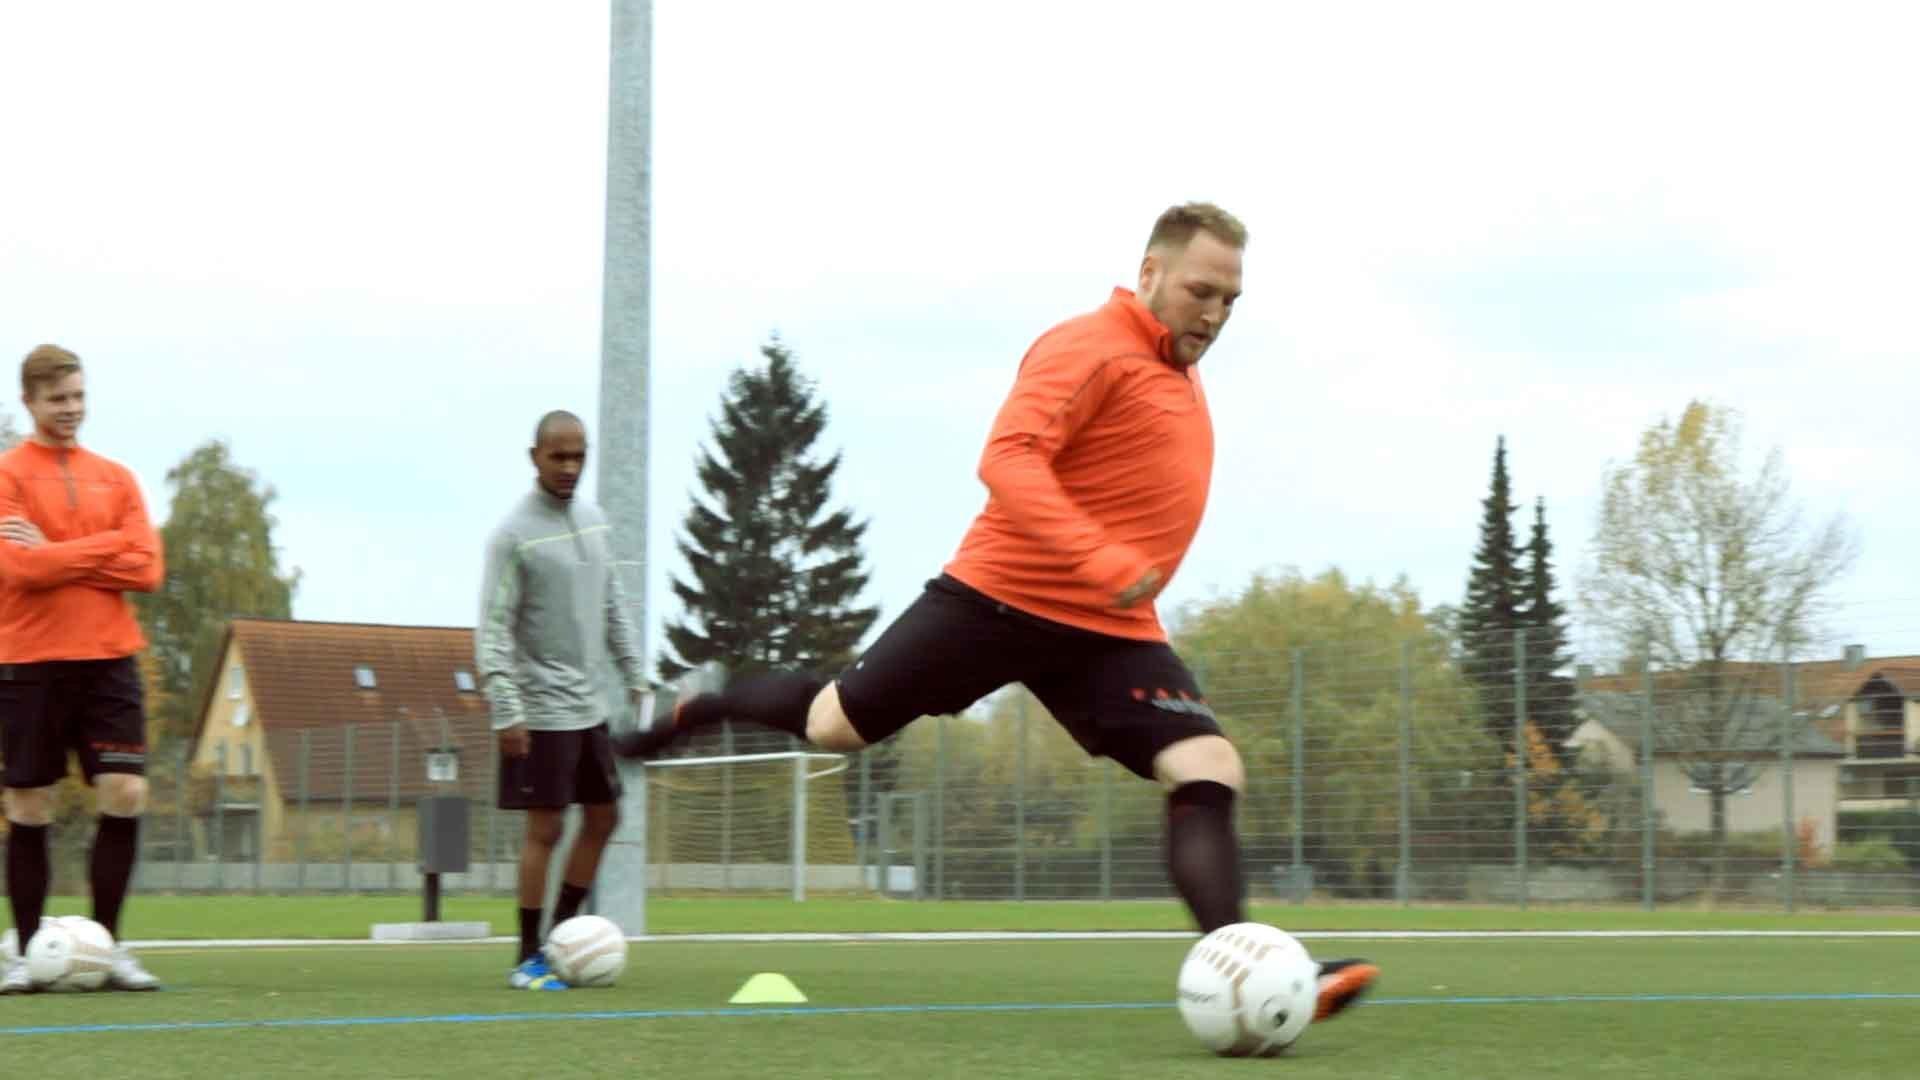 Fußballübung für den Torabschluss: Der Flugball